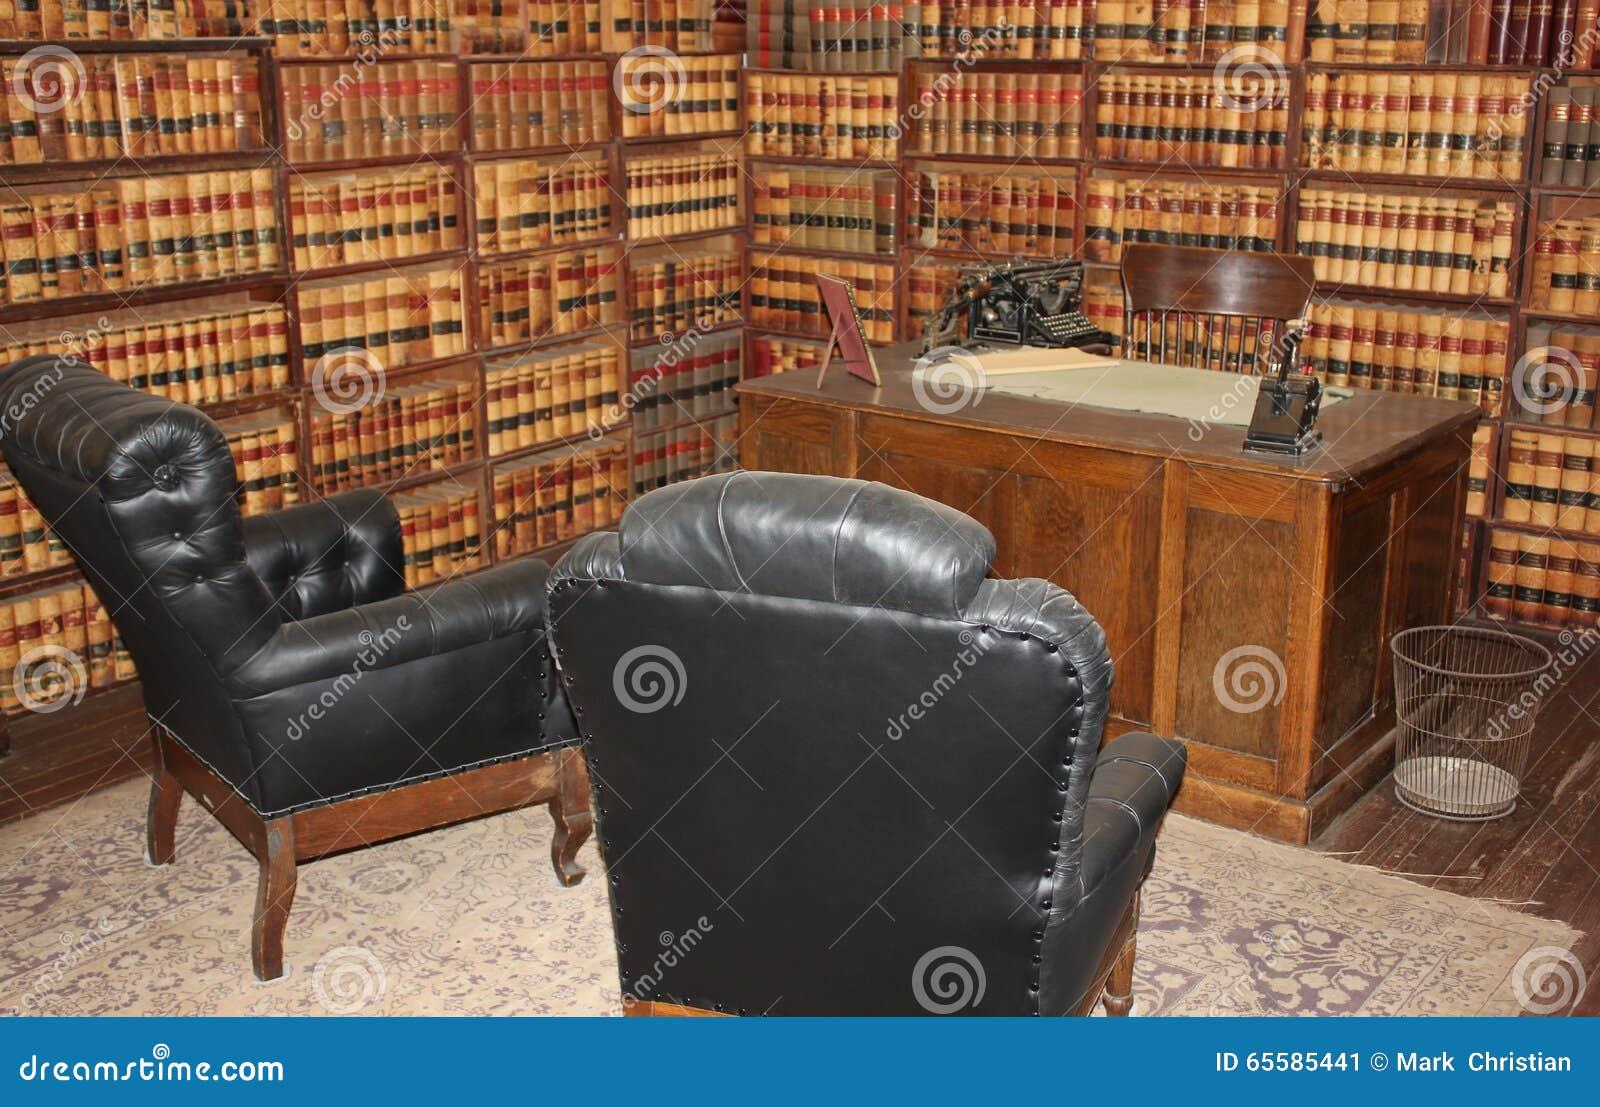 le bureau d 39 avocat historique from 1800 photo stock image 65585441. Black Bedroom Furniture Sets. Home Design Ideas